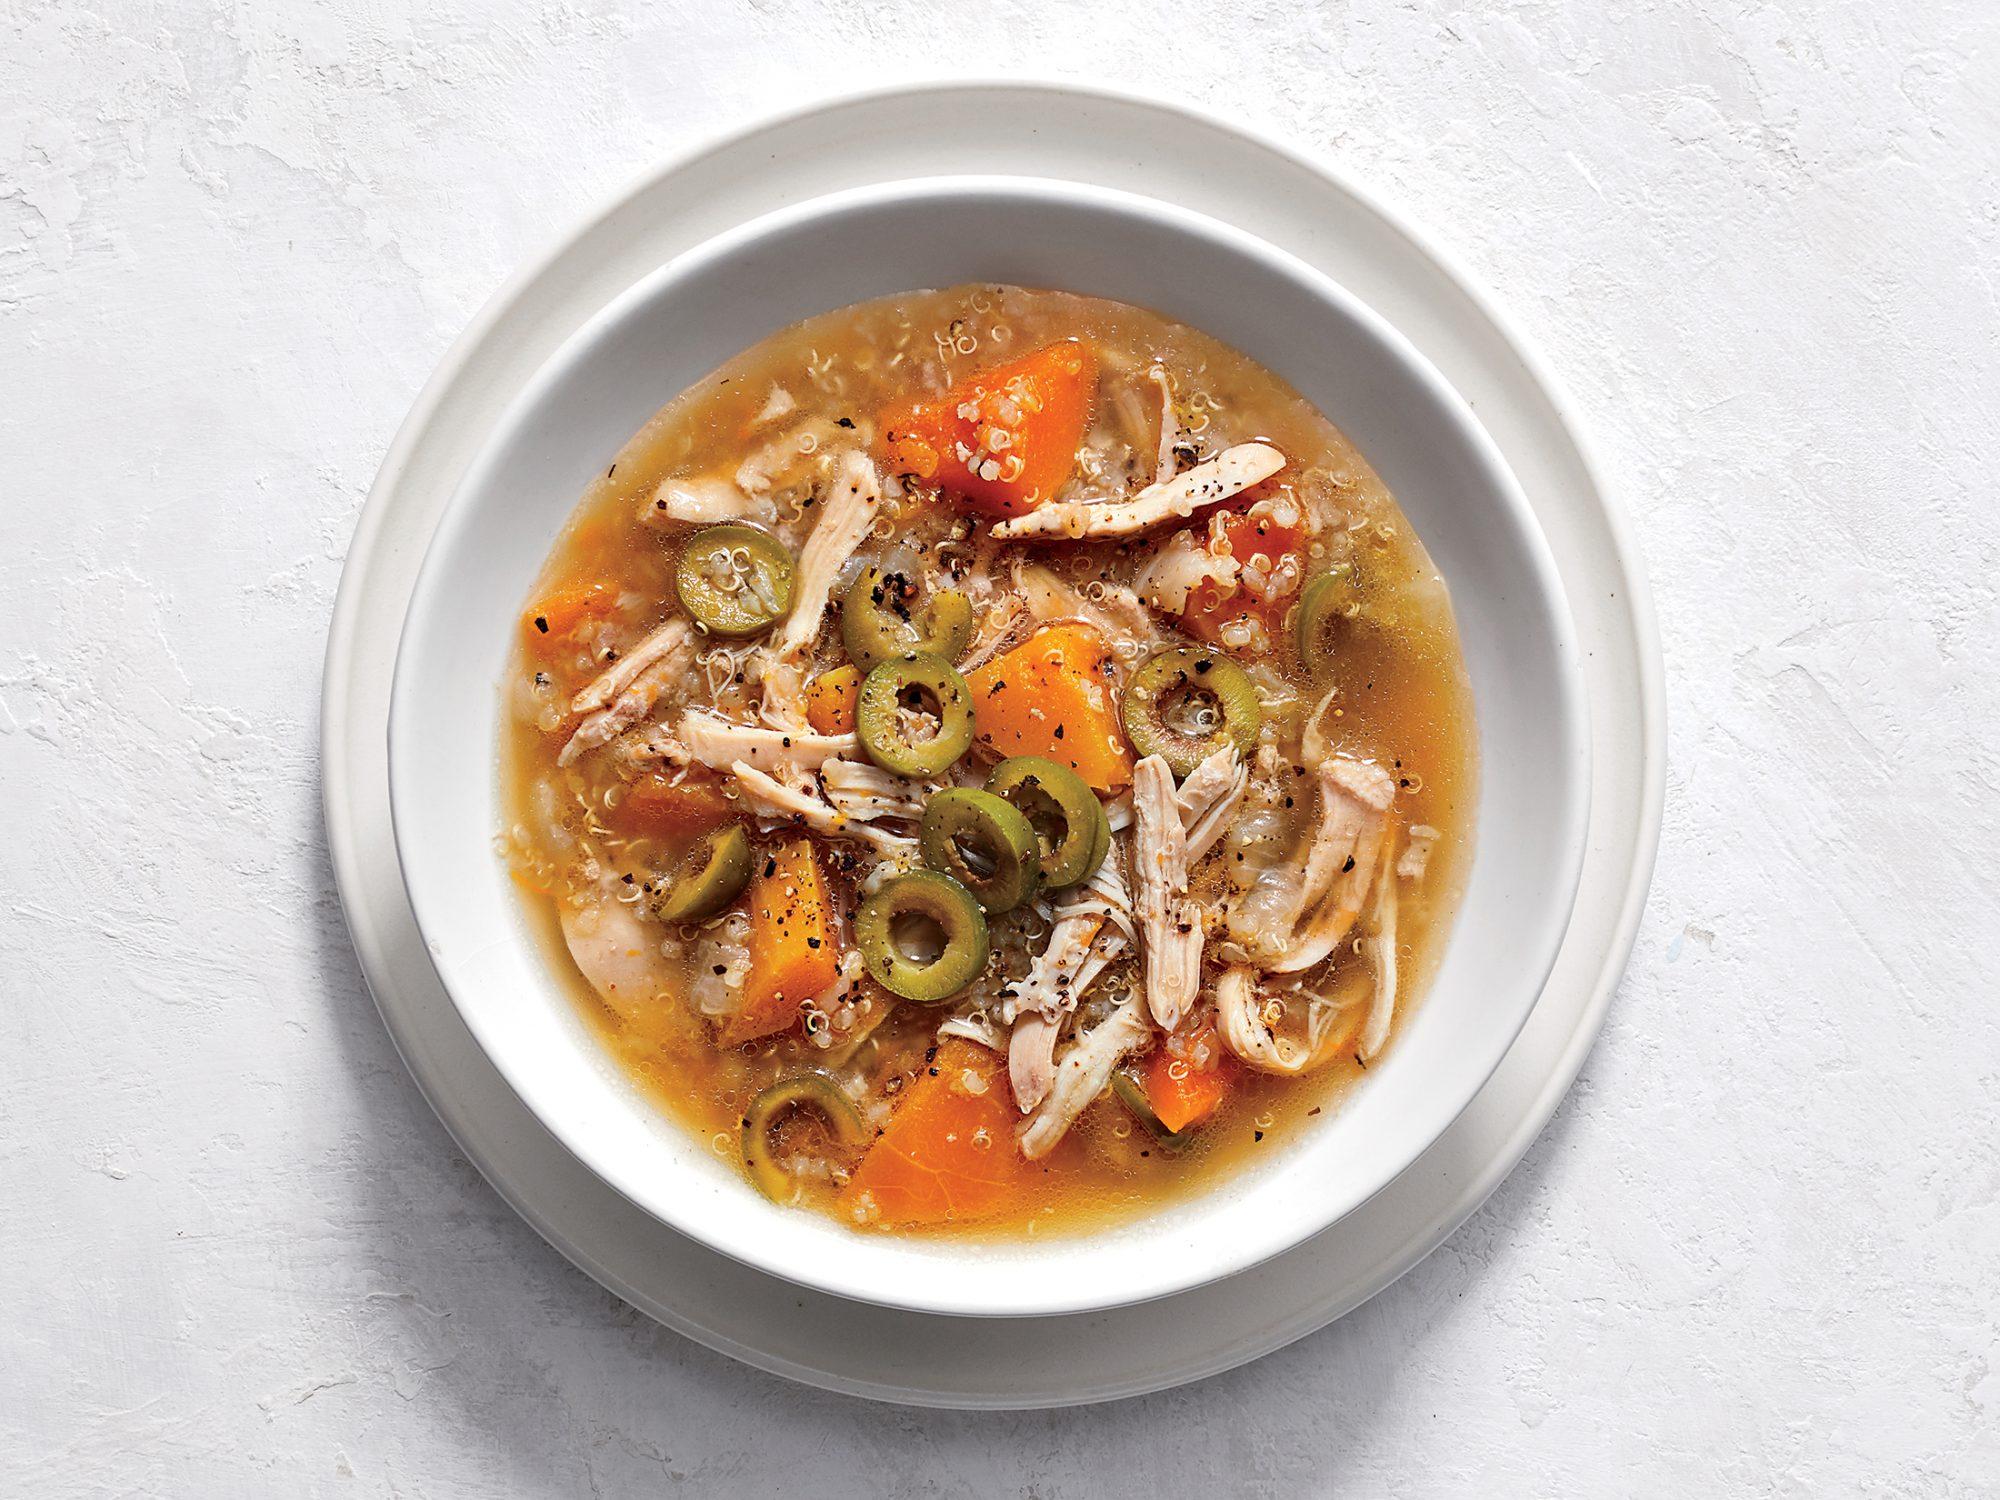 Mediterranean Chicken and Quinoa Stew